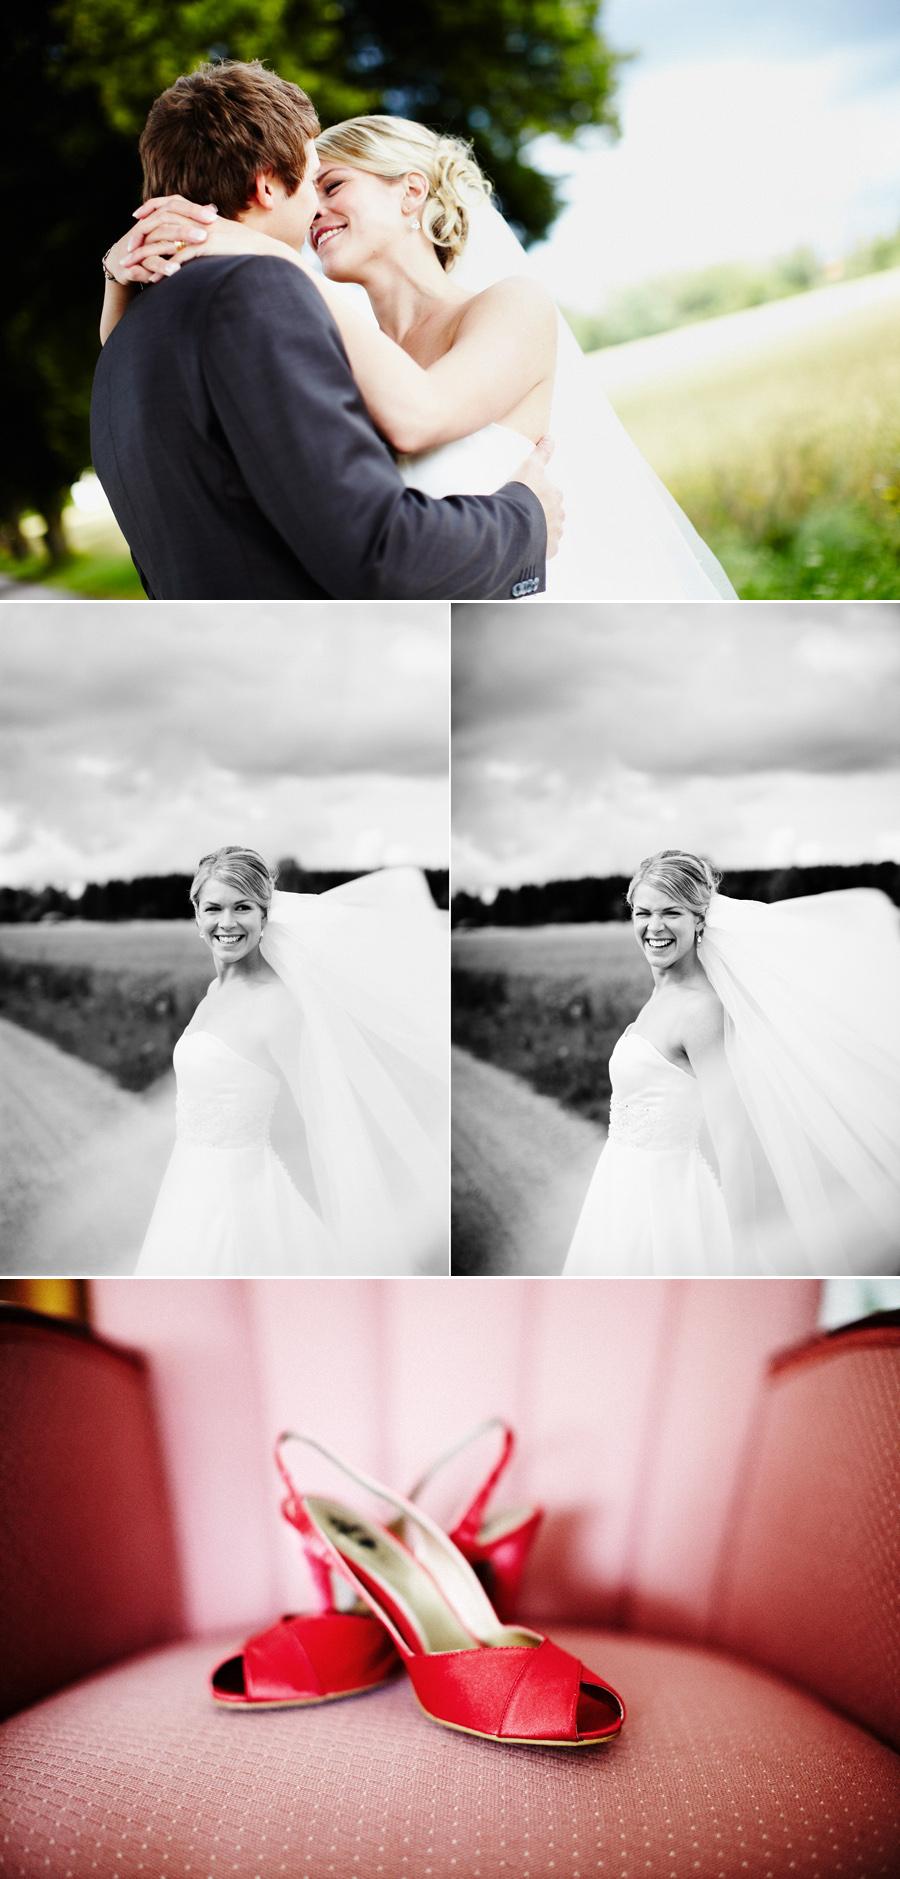 Bröllopsfotografering utanför Aneby! 1